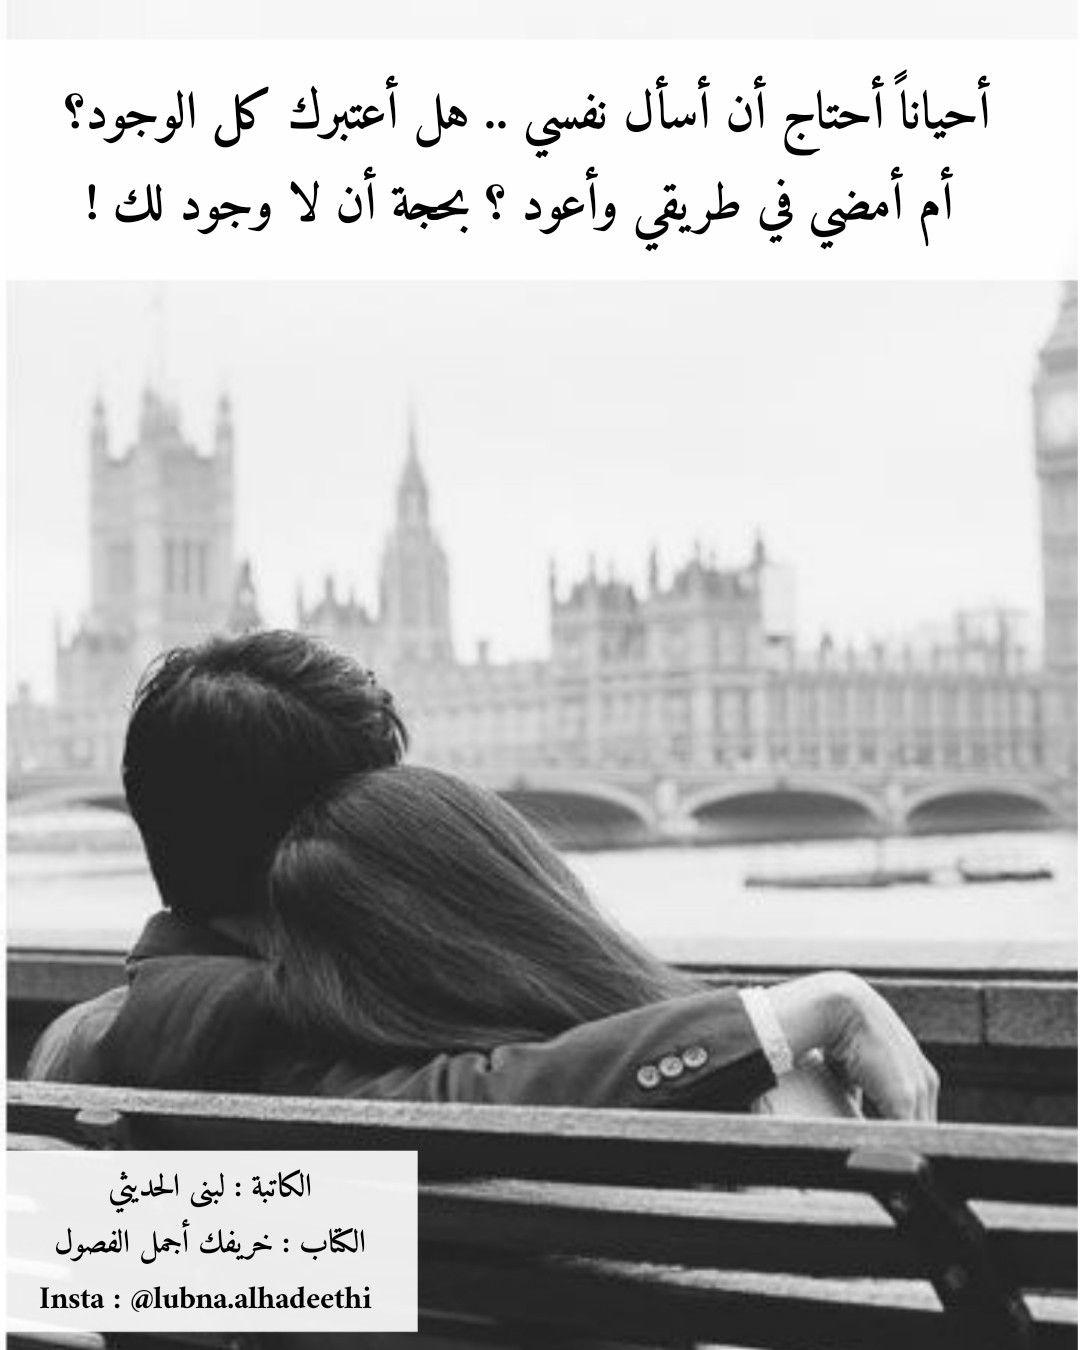 خريفك أجمل الفصول لبنى الحديثي حب اهتمام رومانسية كلمات عشق اهمال أحبك حبيبي اشتياق وفاء خيانة قلب Movie Posters Movies Poster